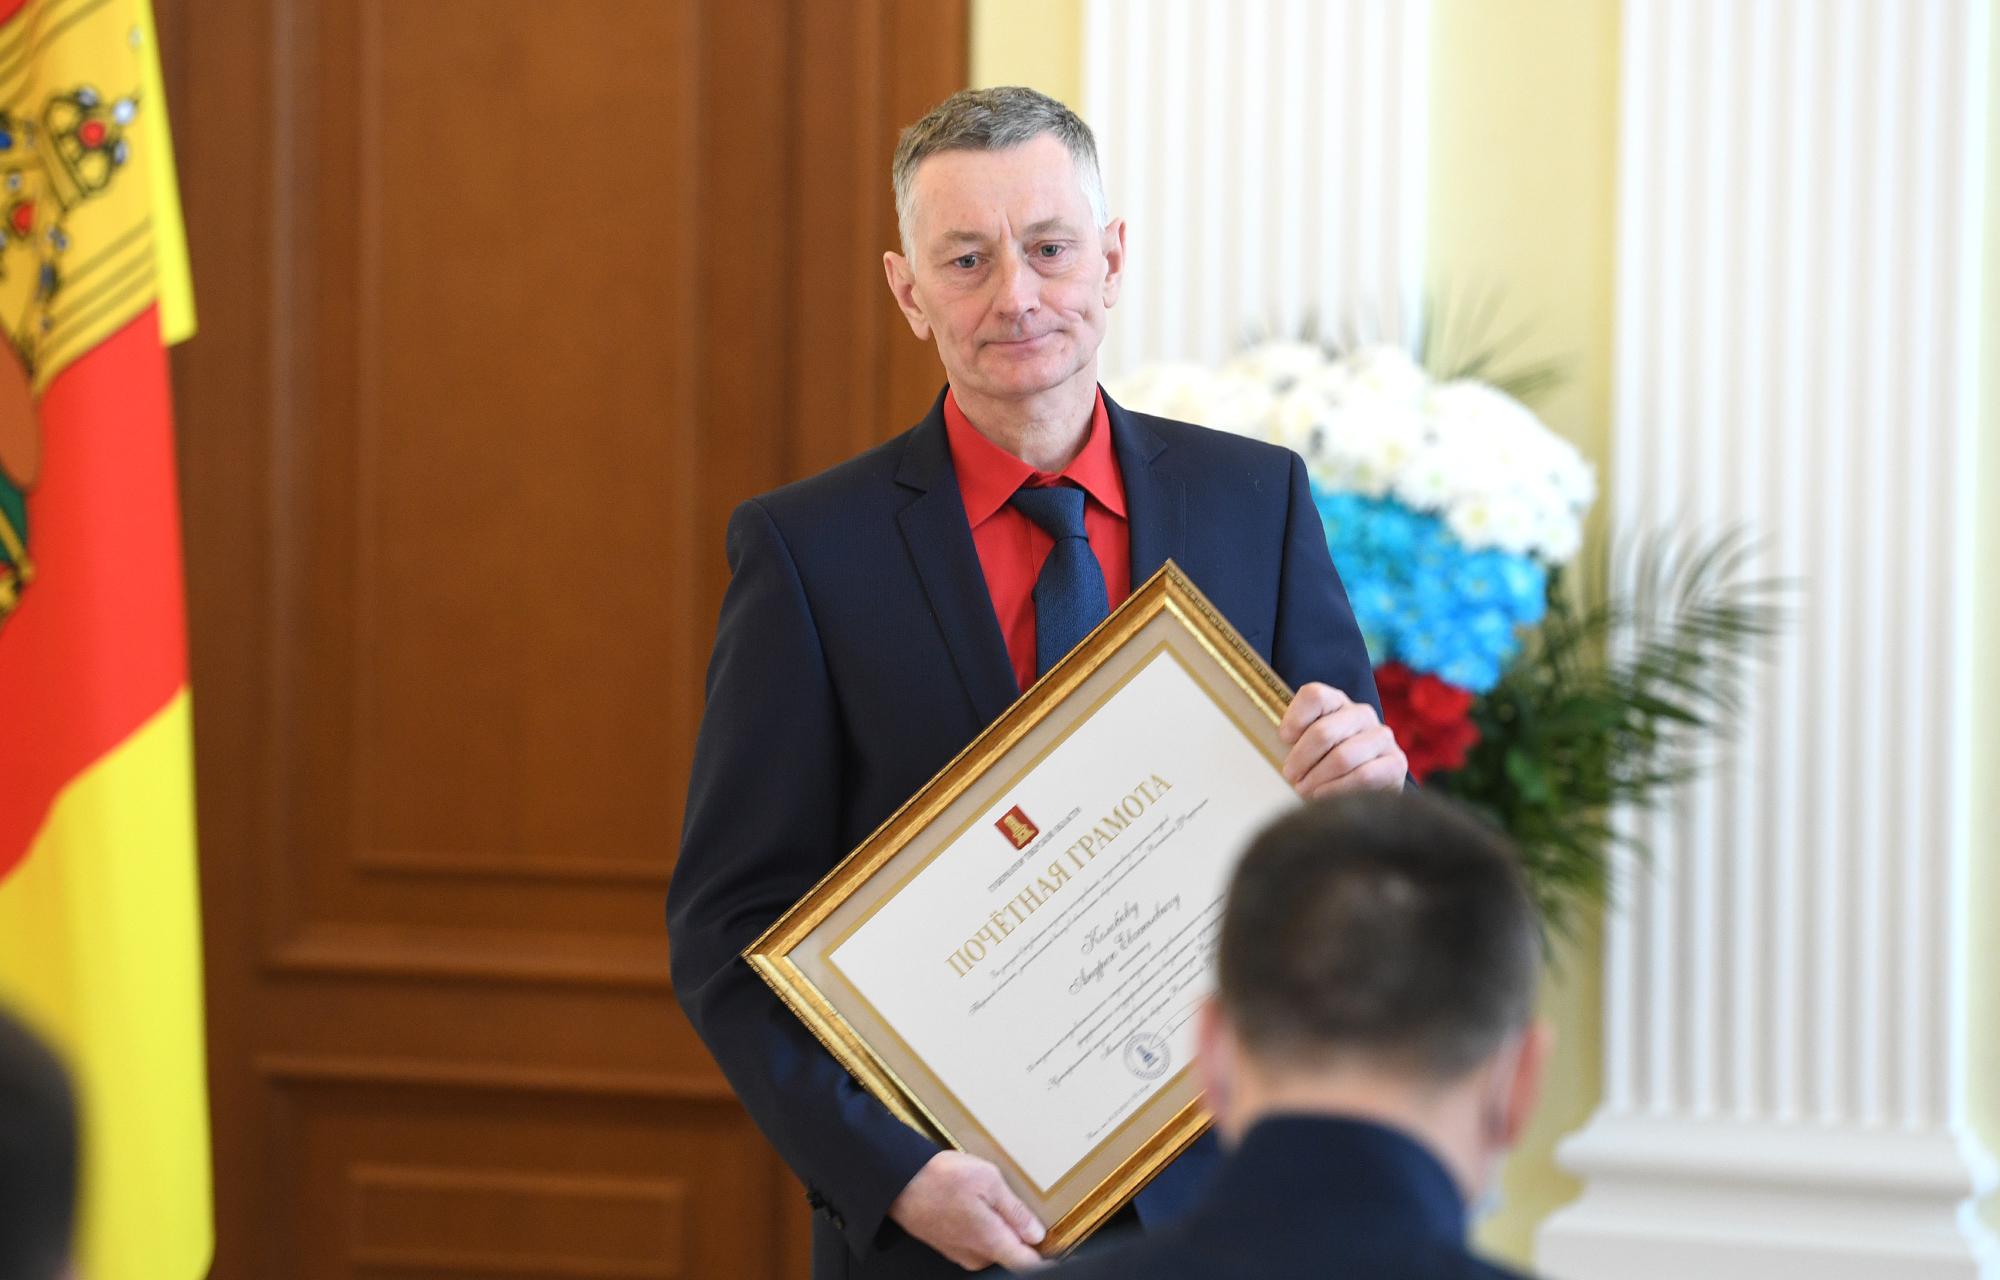 К Дню защитника Отечества тверской губернатор вручил жителям награды